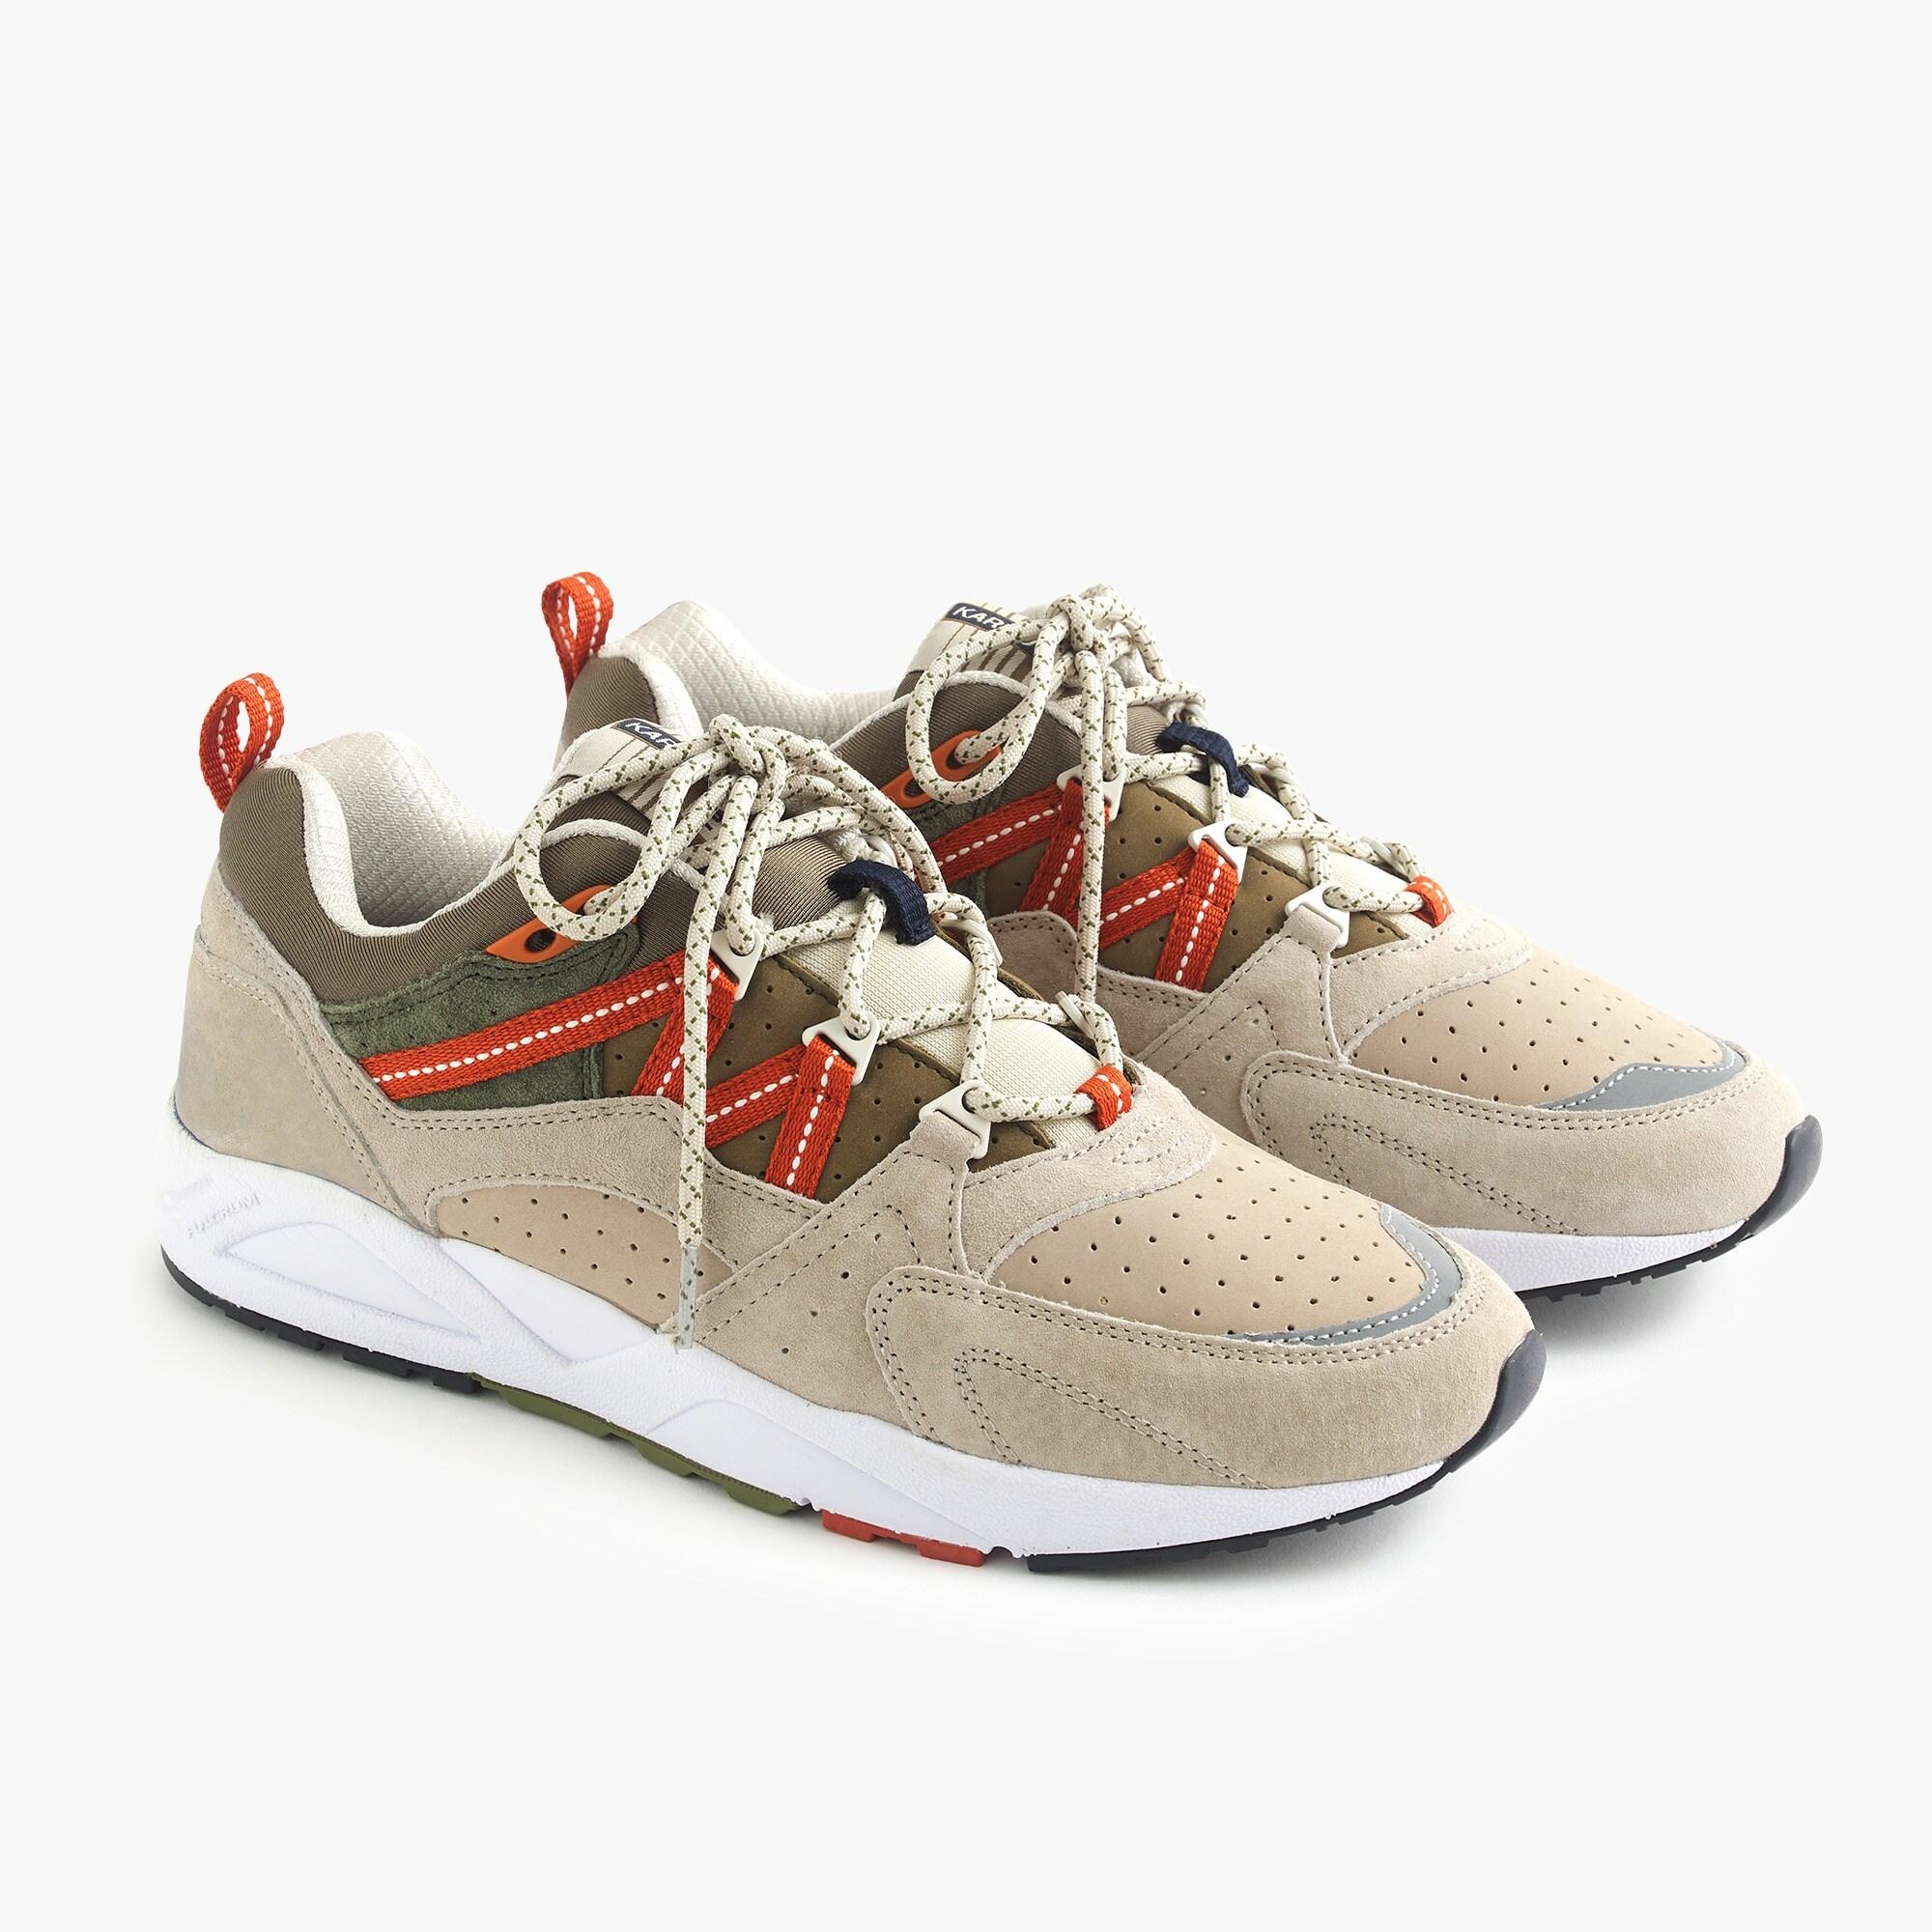 mens Karhu® Fusion 2.0 sneakers